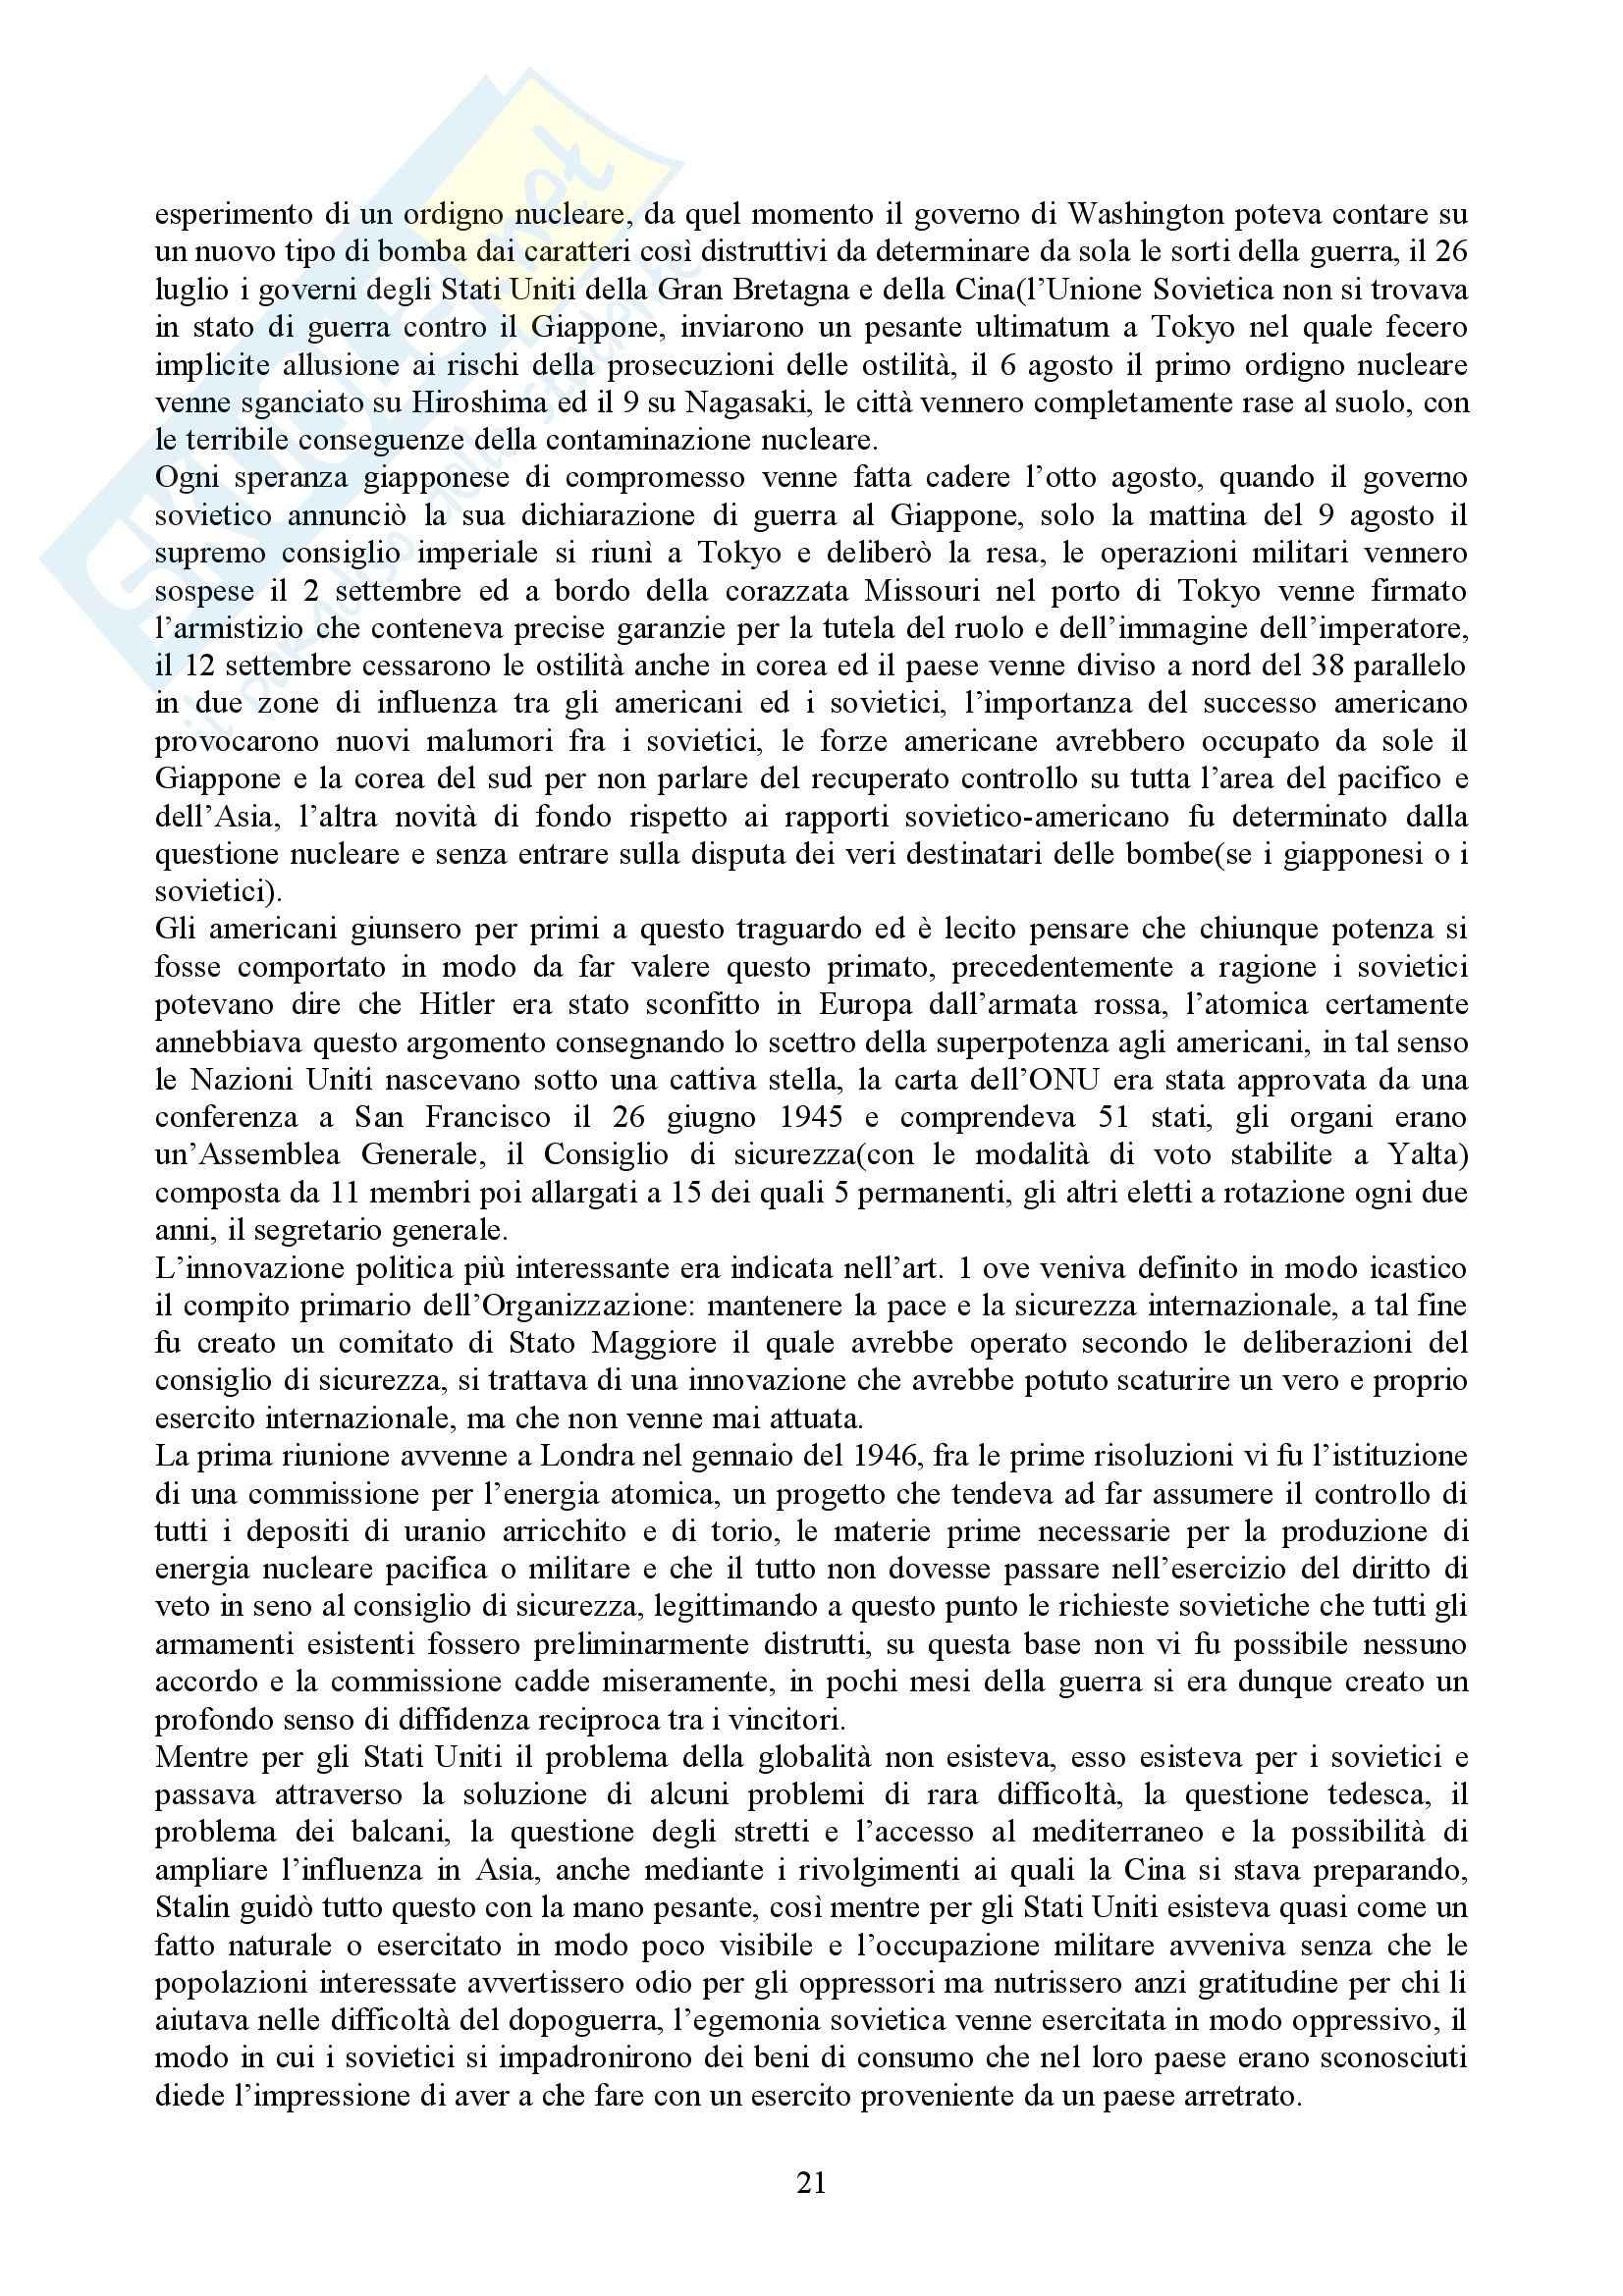 Riassunto esame Storia delle Relazioni Internazionali, prof. indefinito, libro consigliato Storia delle Relazioni Internazionali, Di Nolfo Pag. 21